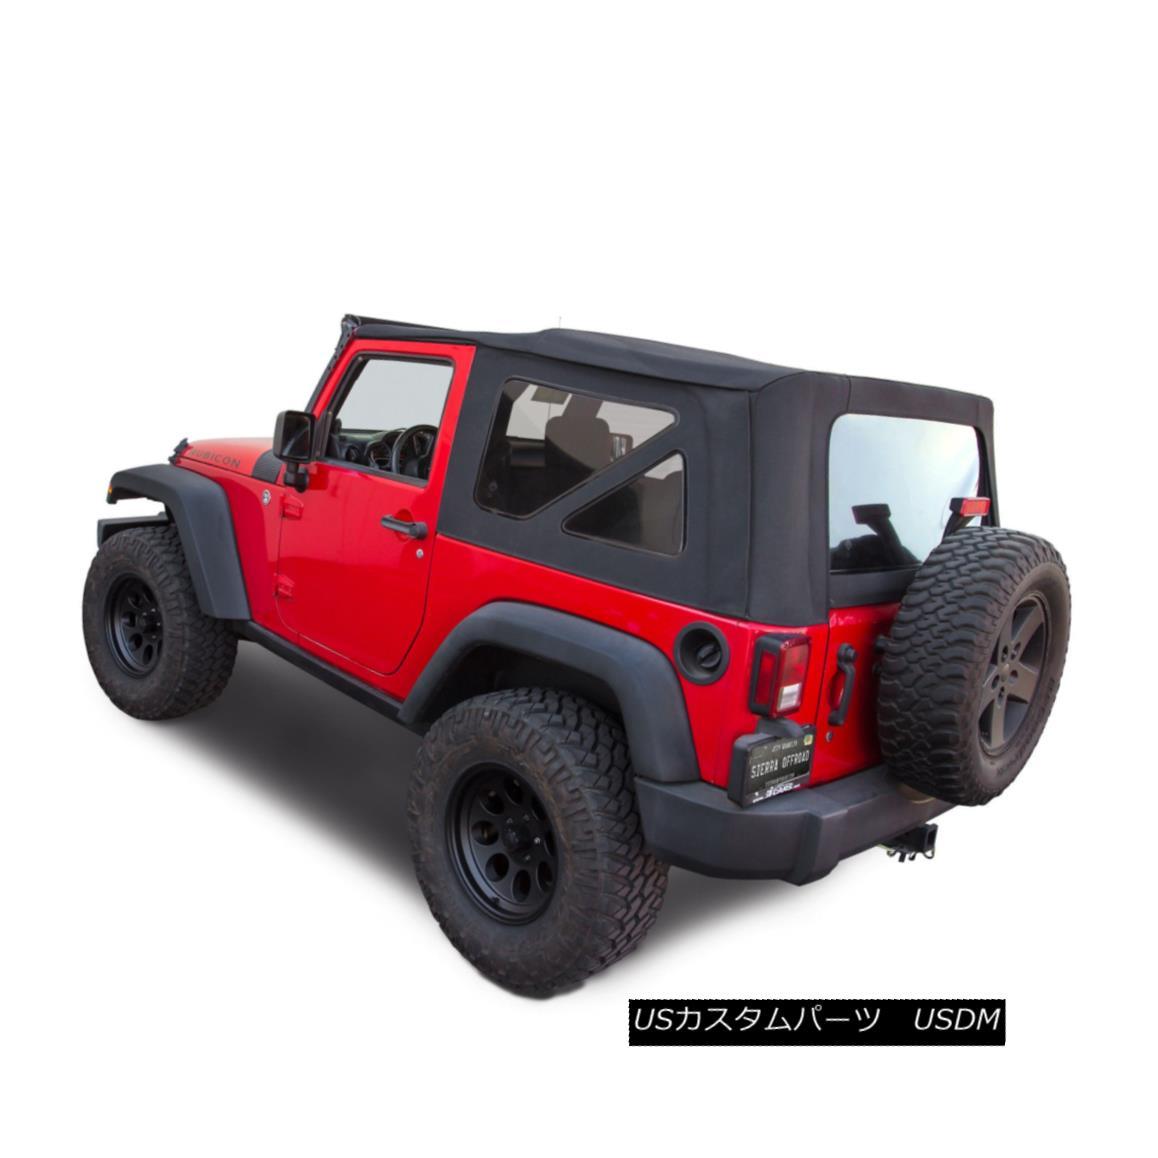 幌・ソフトトップ Jeep Wrangler JK Soft Top, 2010-17, Press Polish Windows, Black Twill Canvas ジープラングラーJKソフトトップ、2010-17、プレスポーランドのWindows、ブラックツイルキャンバス